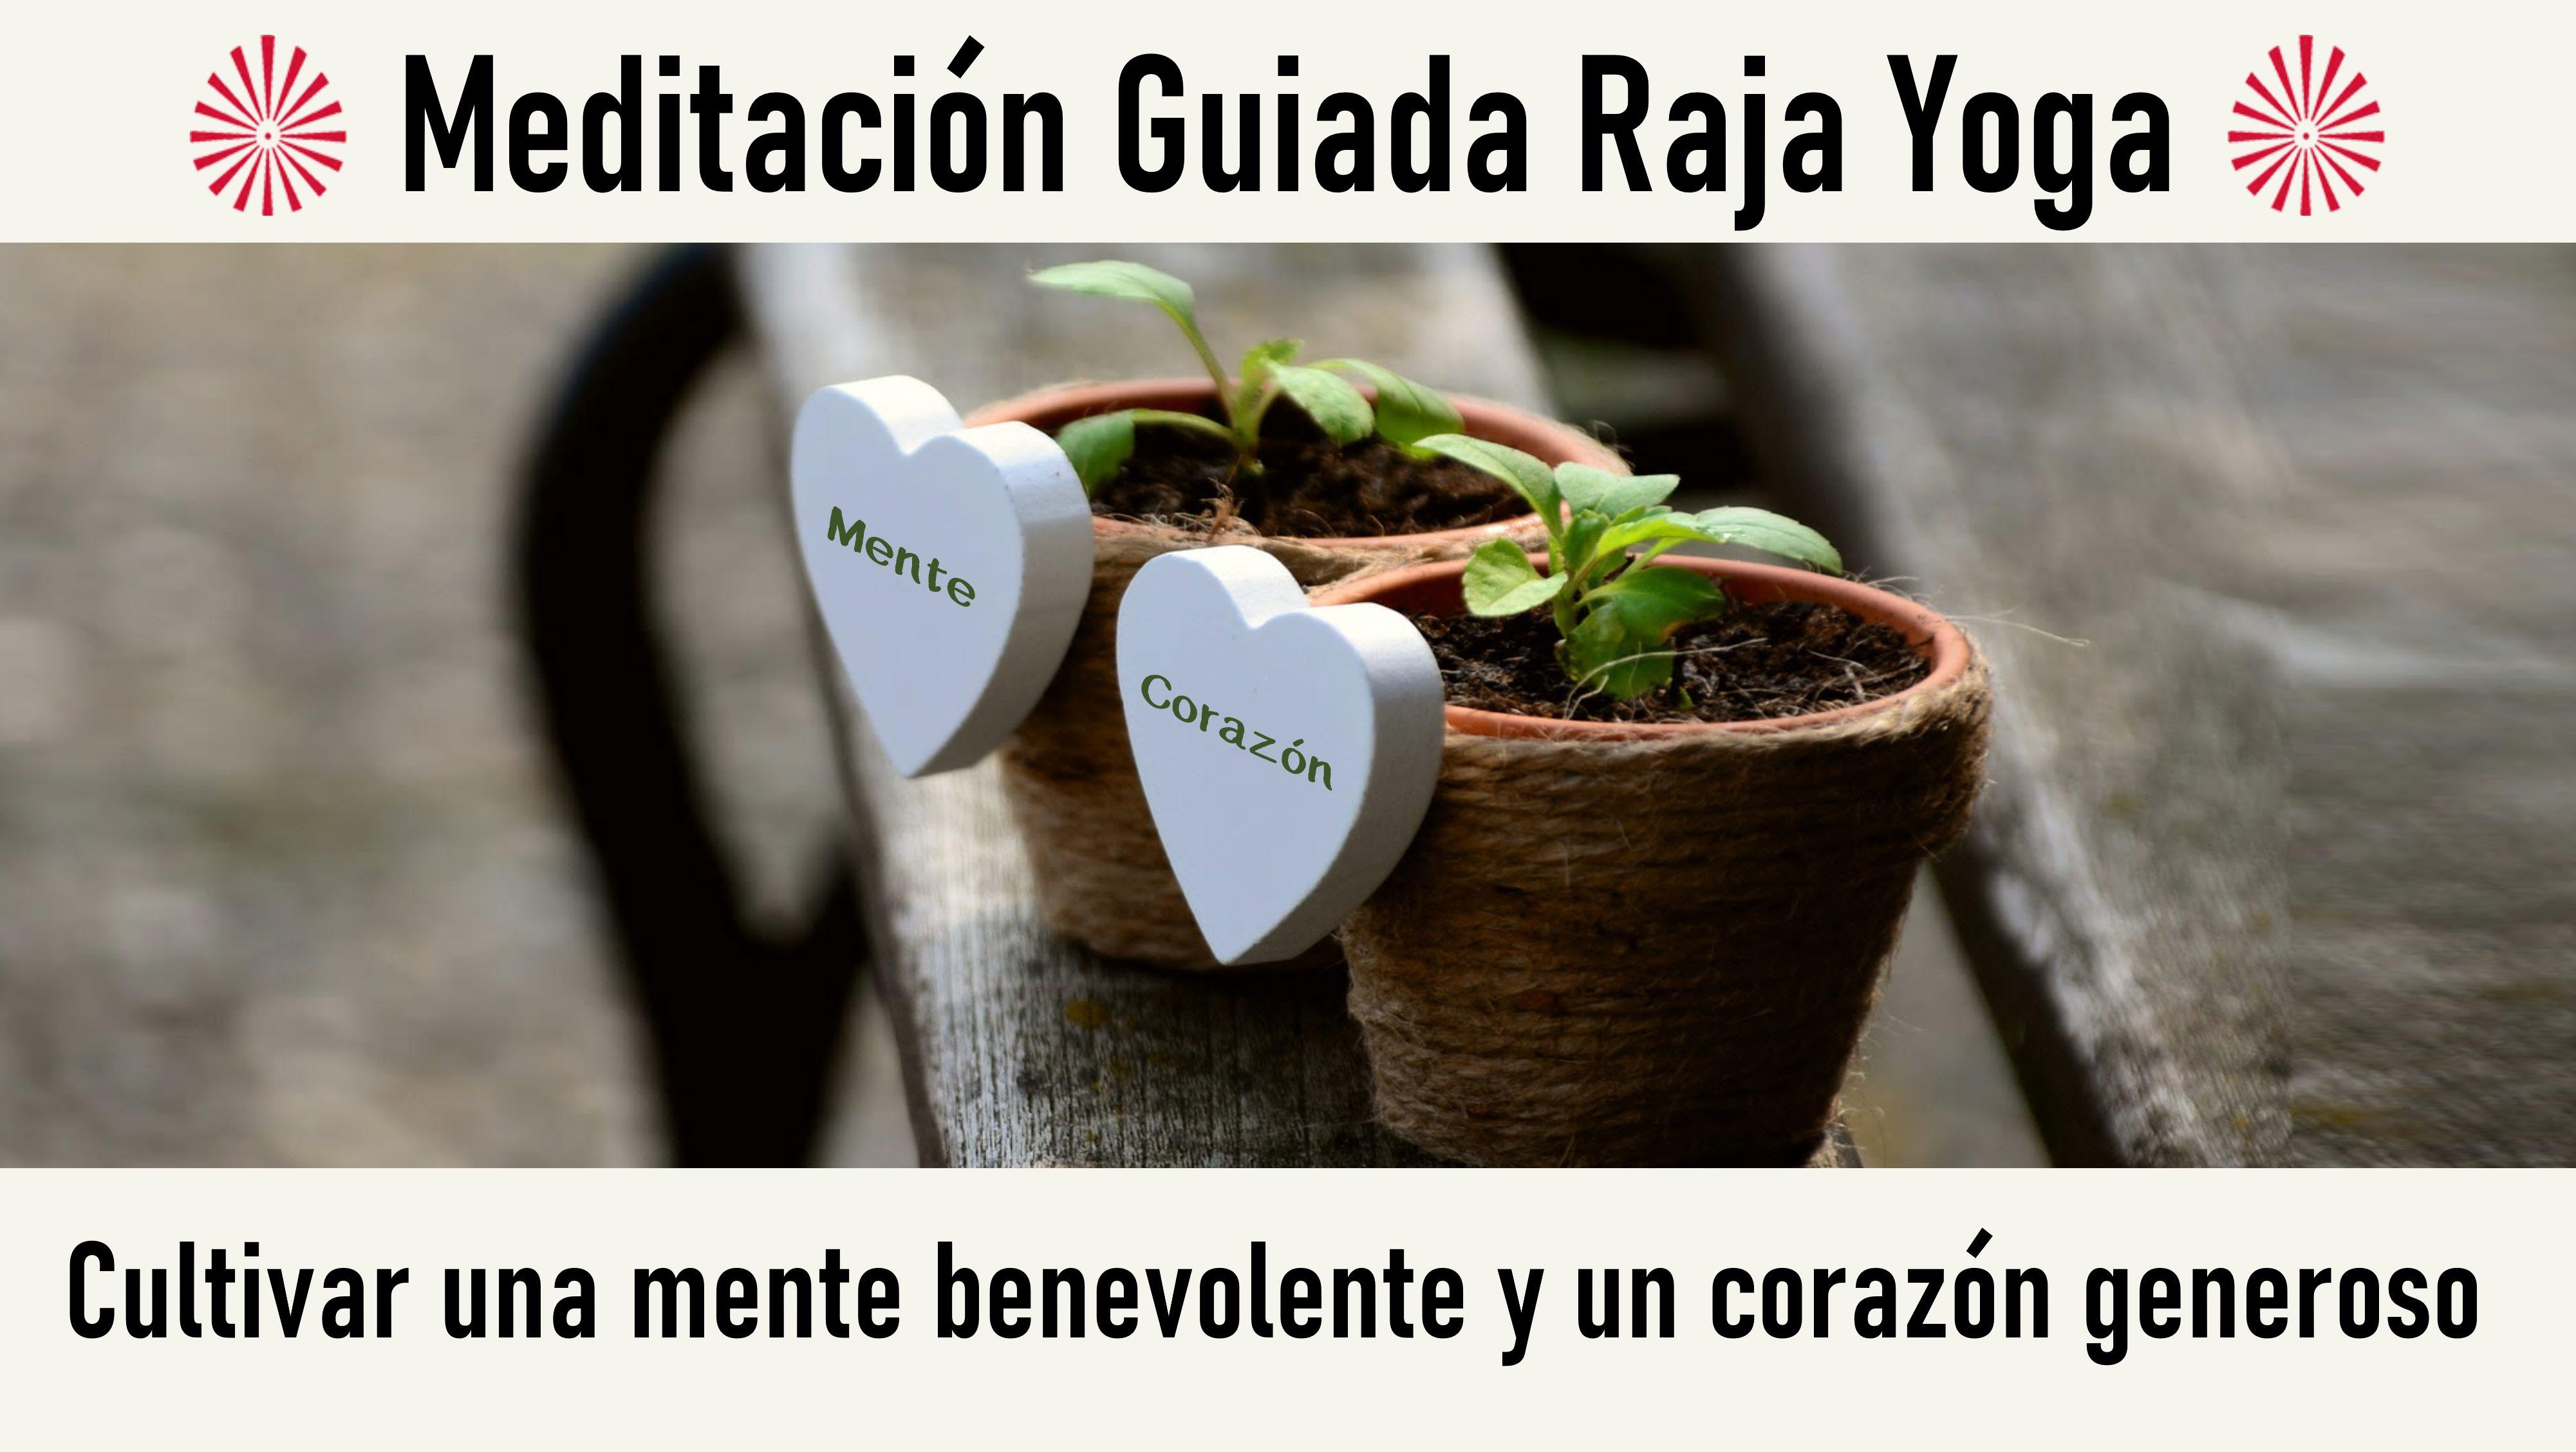 Meditación Raja Yoga: Cultivar una mente benevolente y un corazón generoso (11 Junio 2020) On-line desde Mallorca